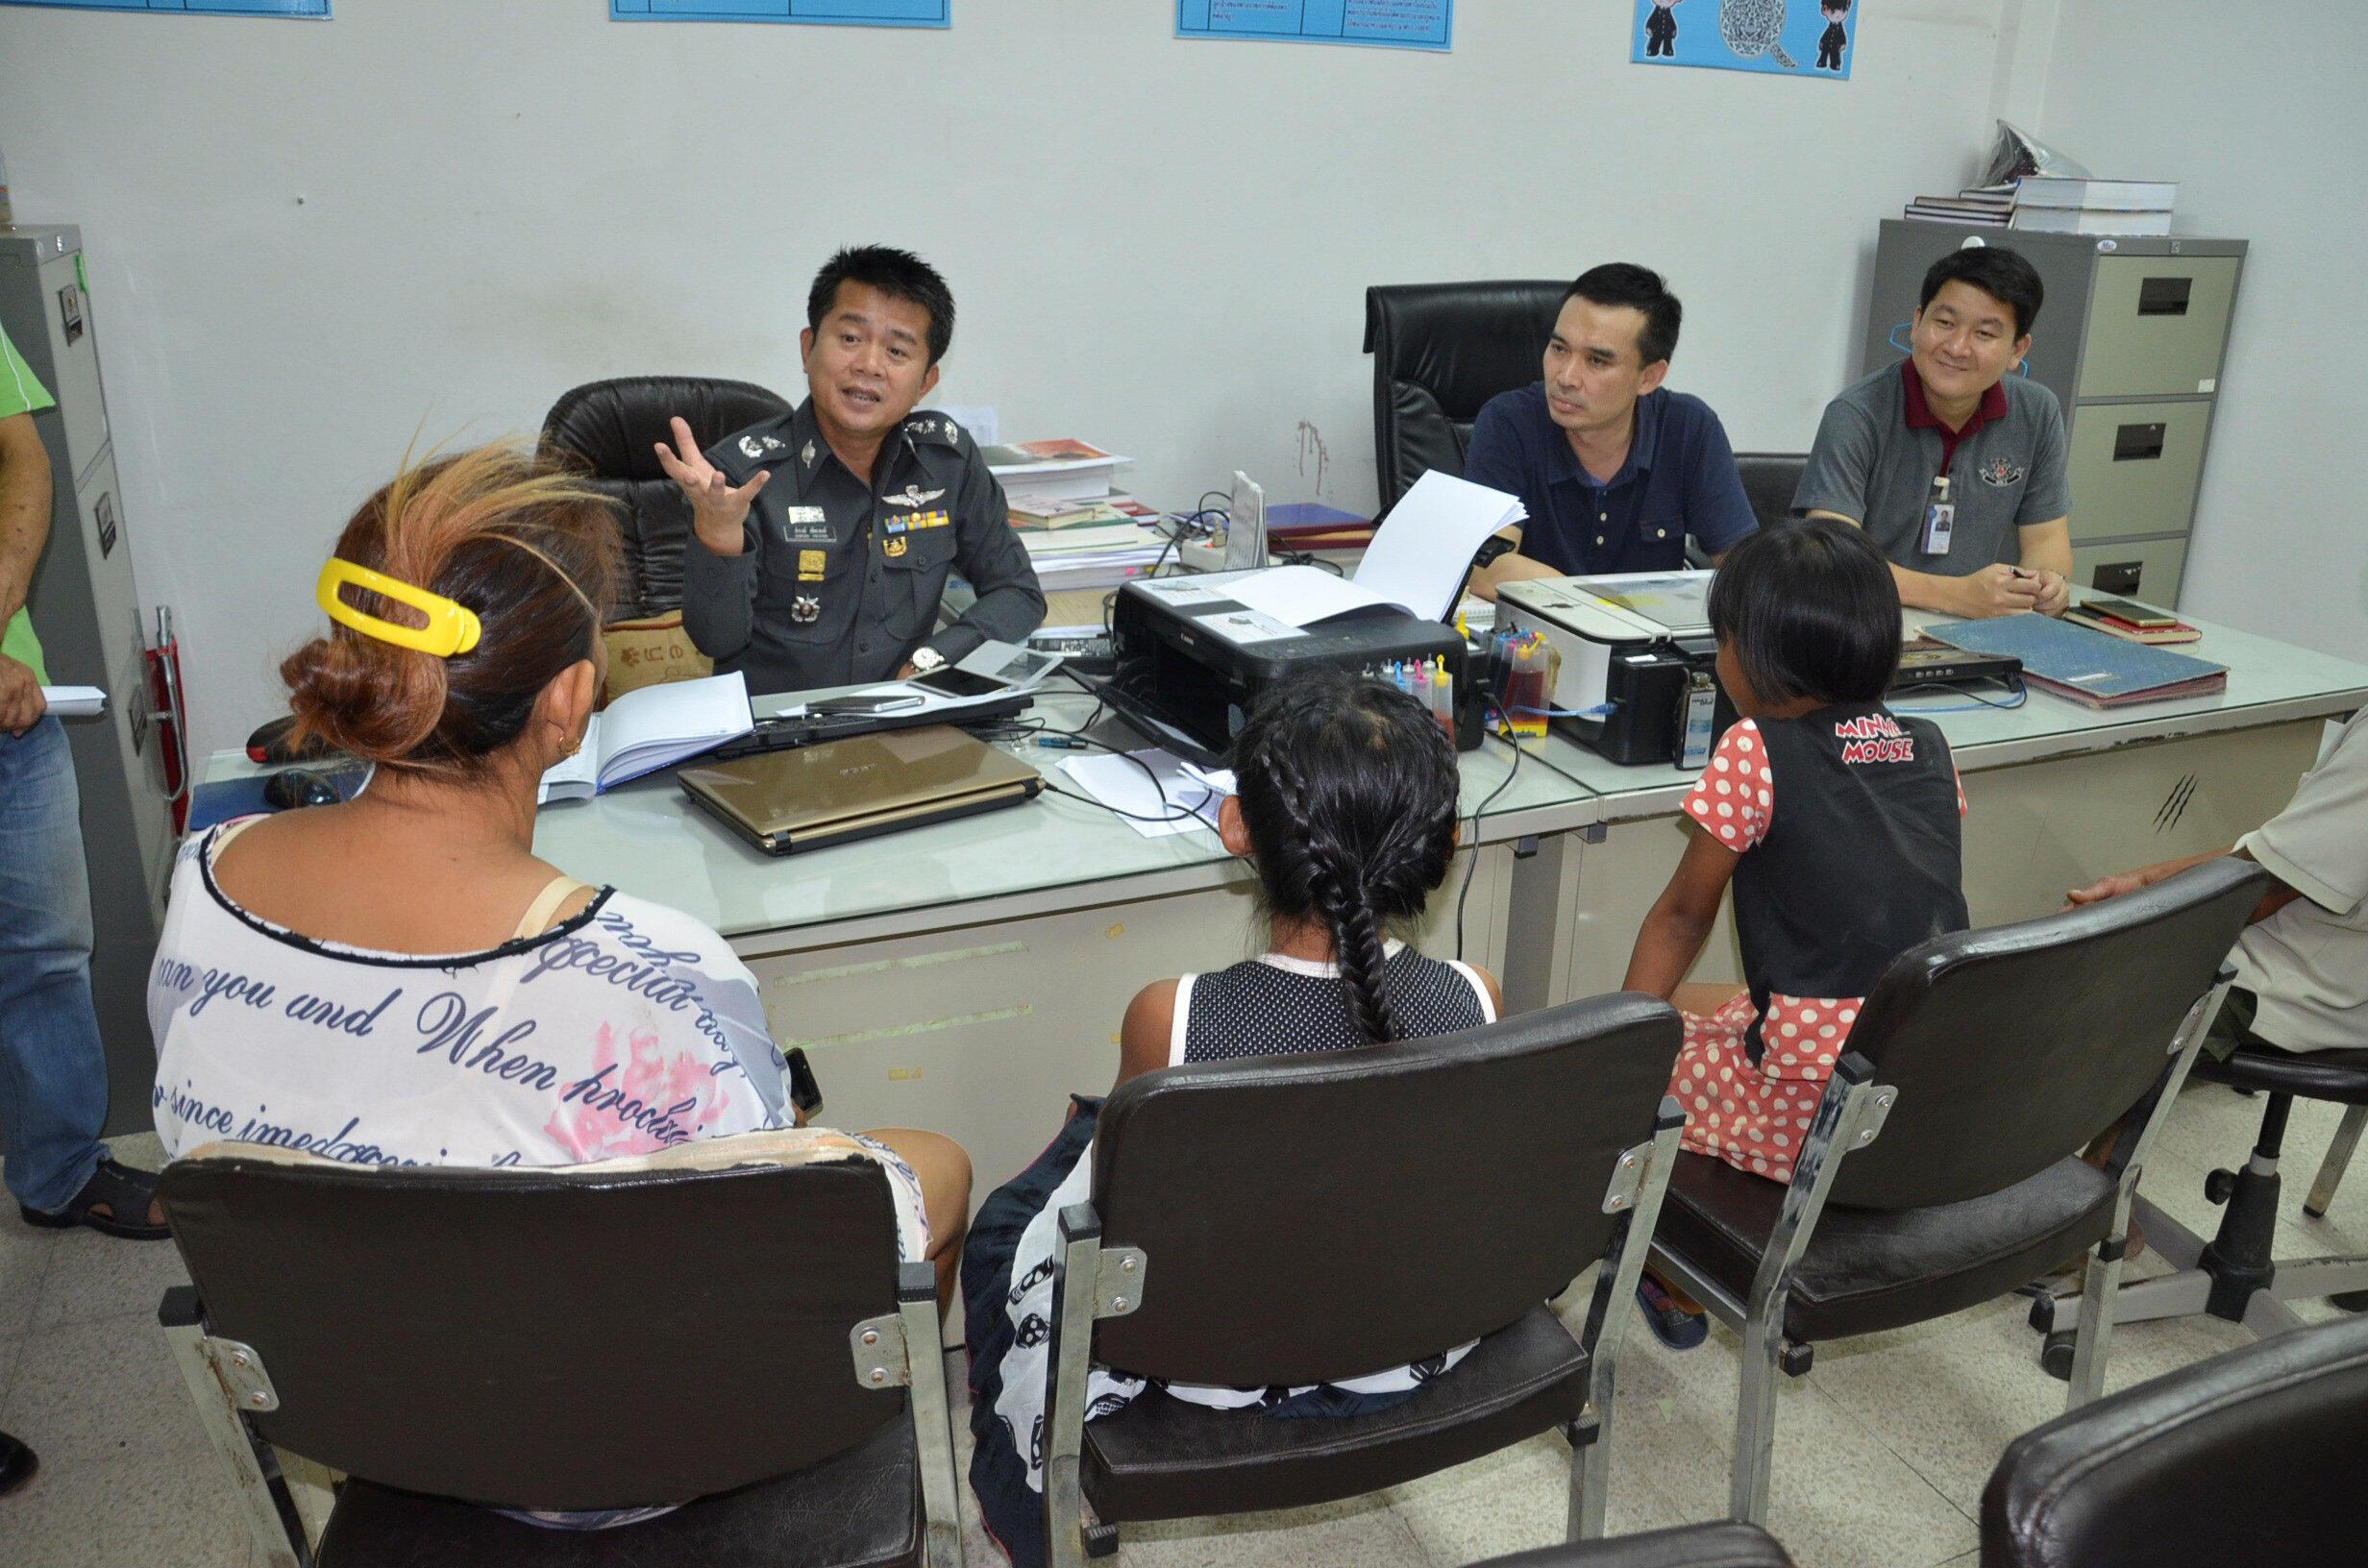 Cảnh sát  tỉnh Kamphaeng Phet,Thái Lan thẩm vấn 2 em gái 8 tuổi vì xé danh sách cử tri, ngày 18/07/2016.